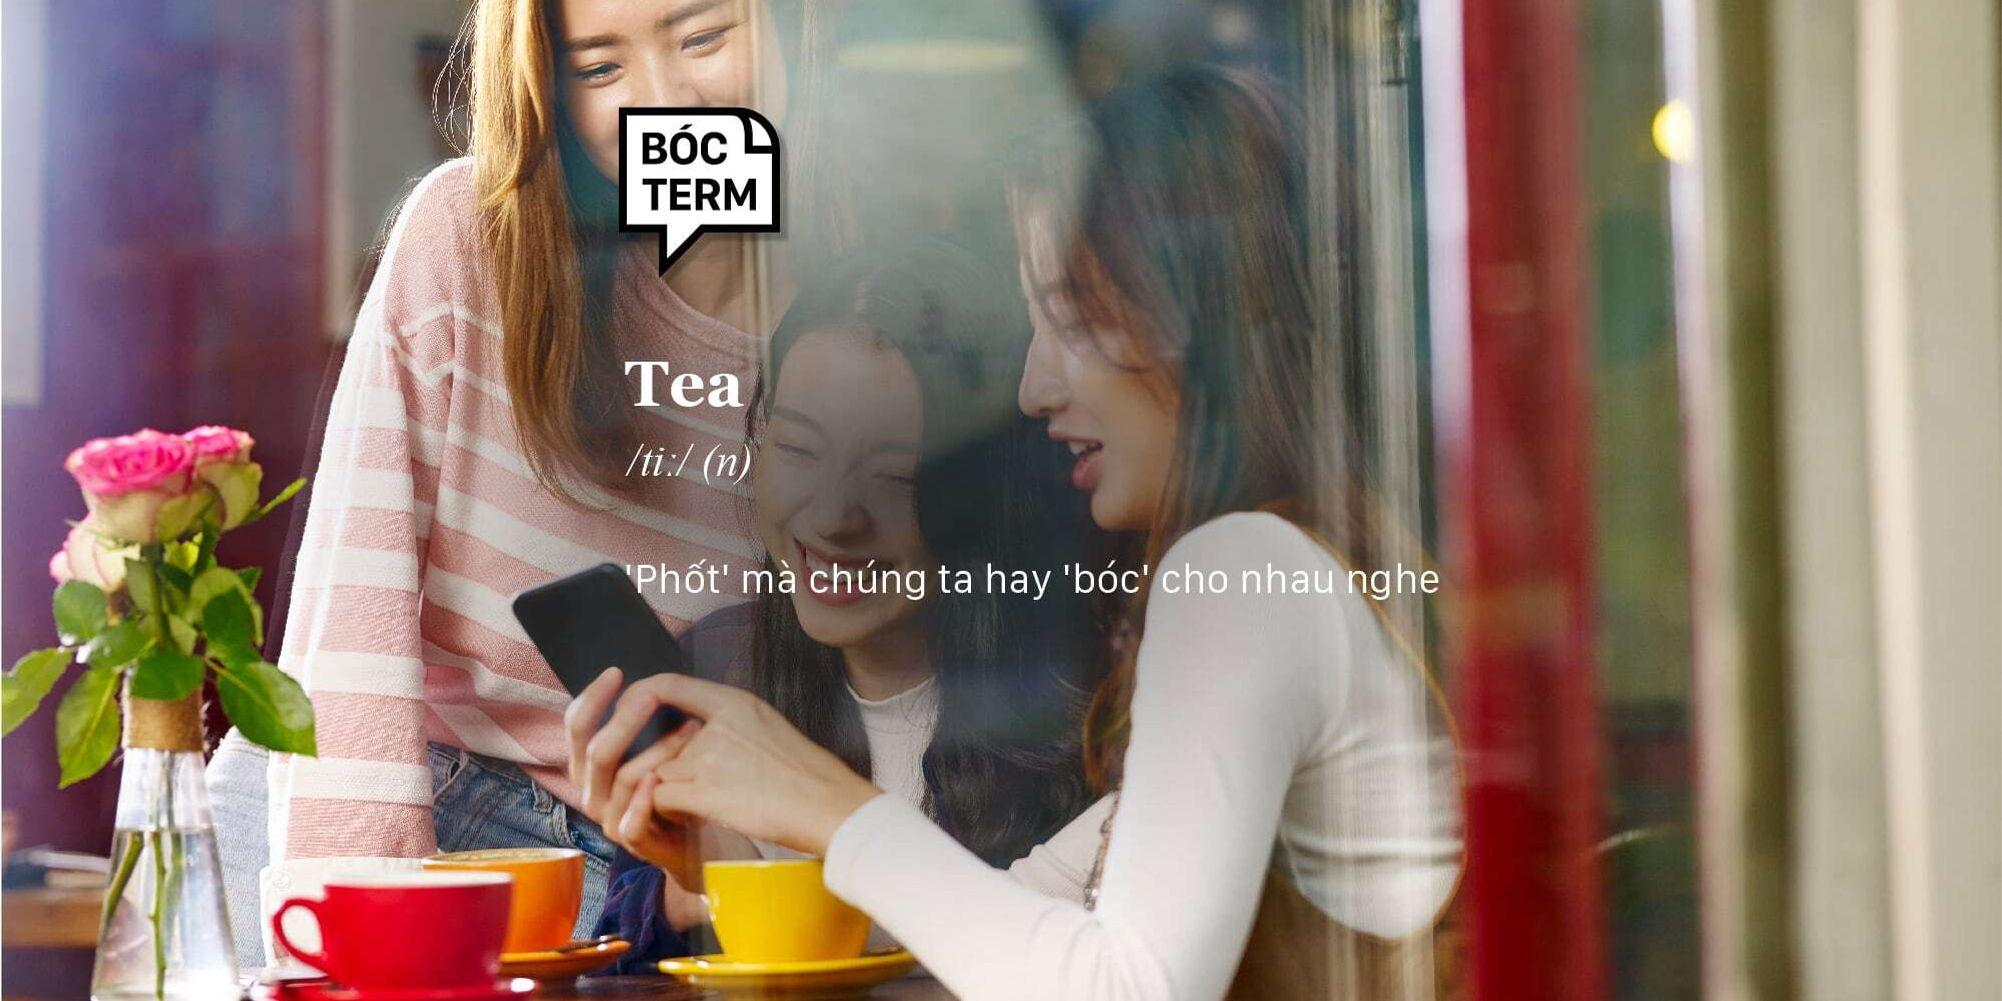 Bóc Term: Tea là gì? Đời còn gì vui nếu không còn 'phốt'?